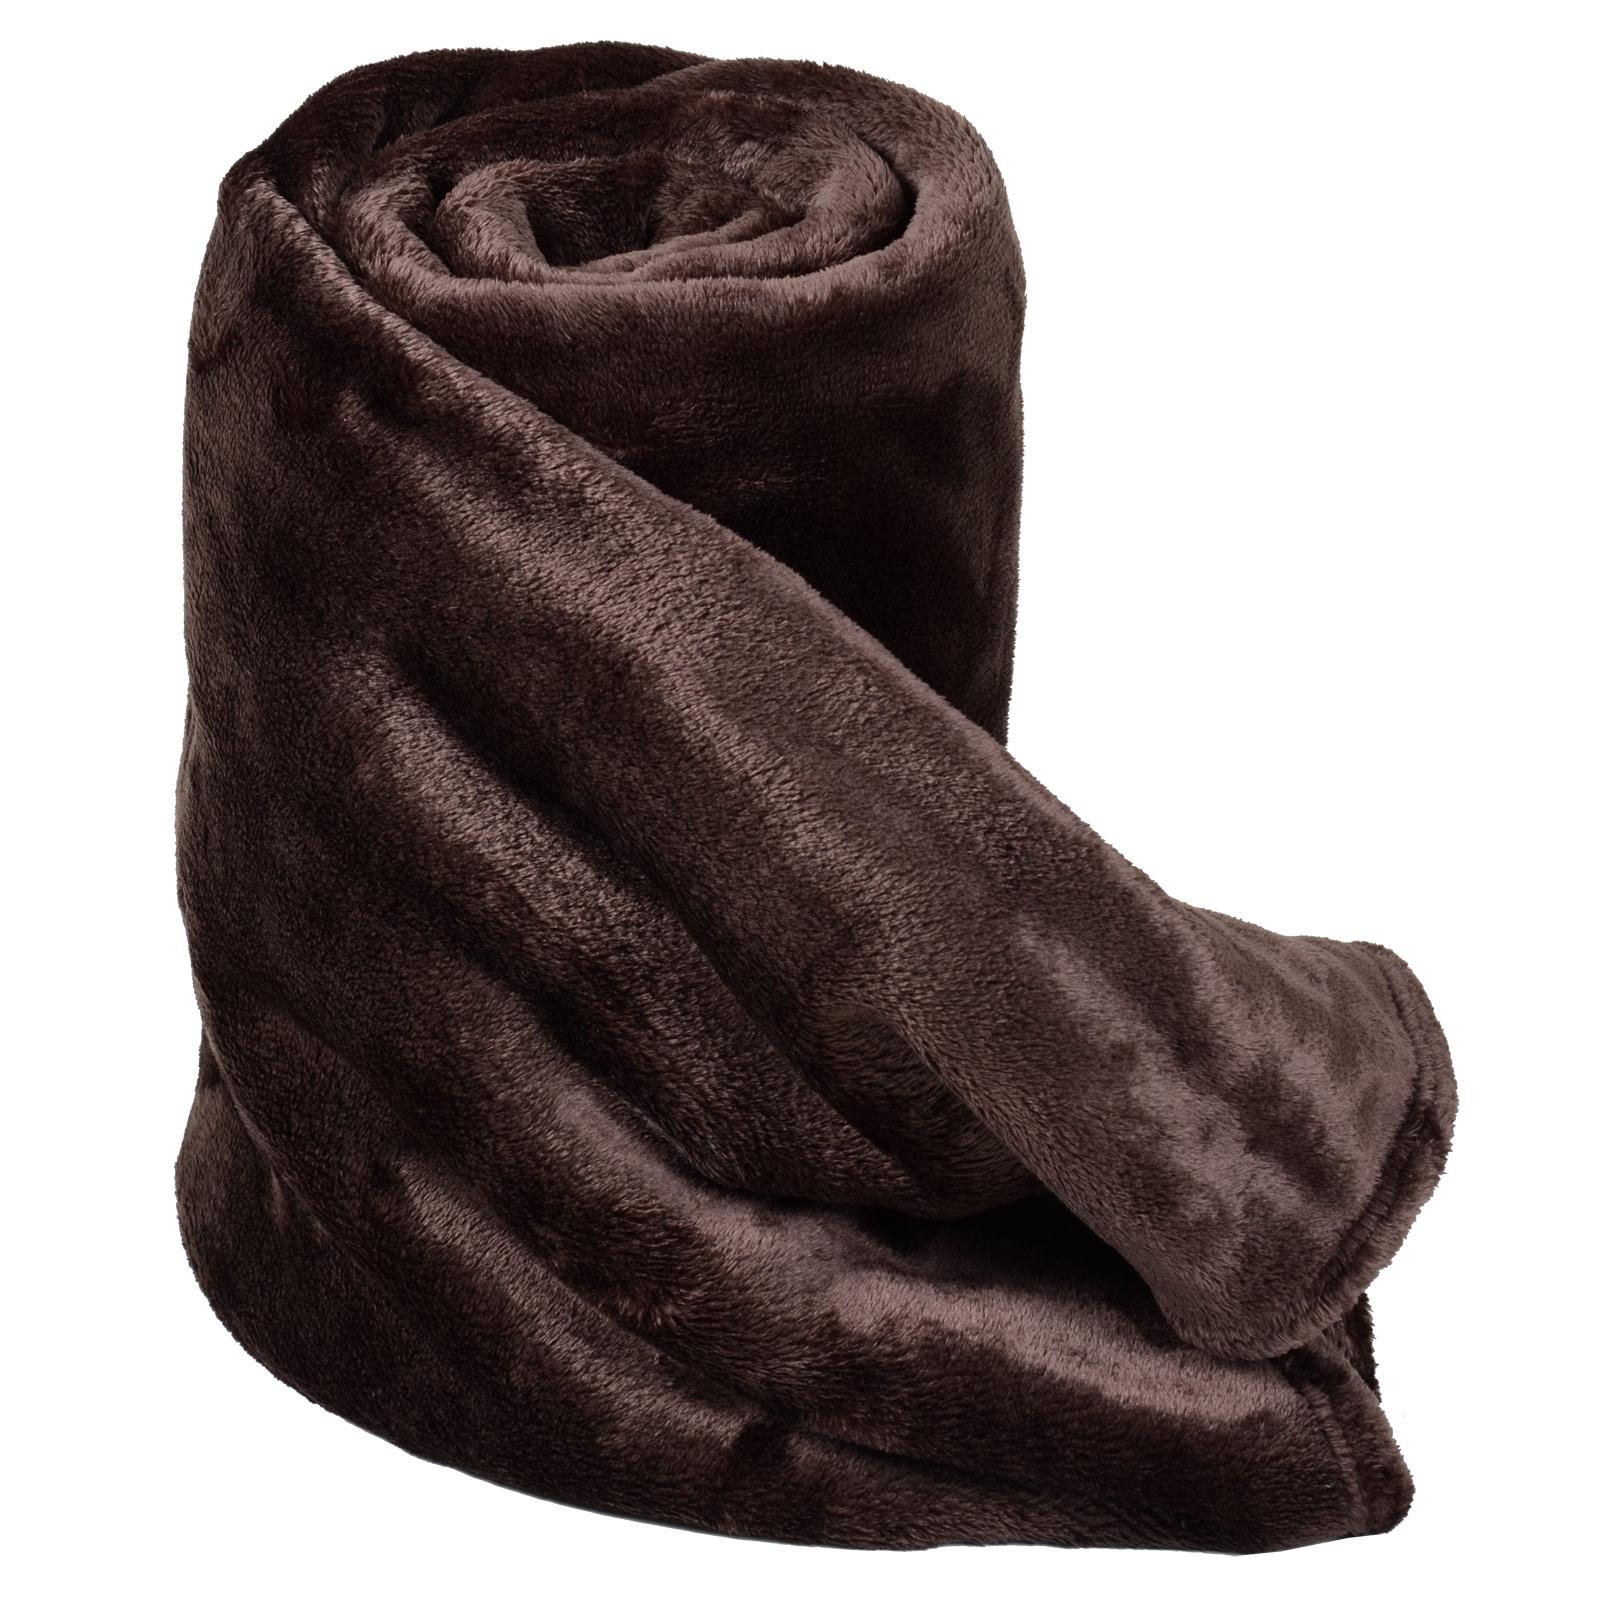 Soft Fuzzy Blanket Www Pixshark Com Images Galleries